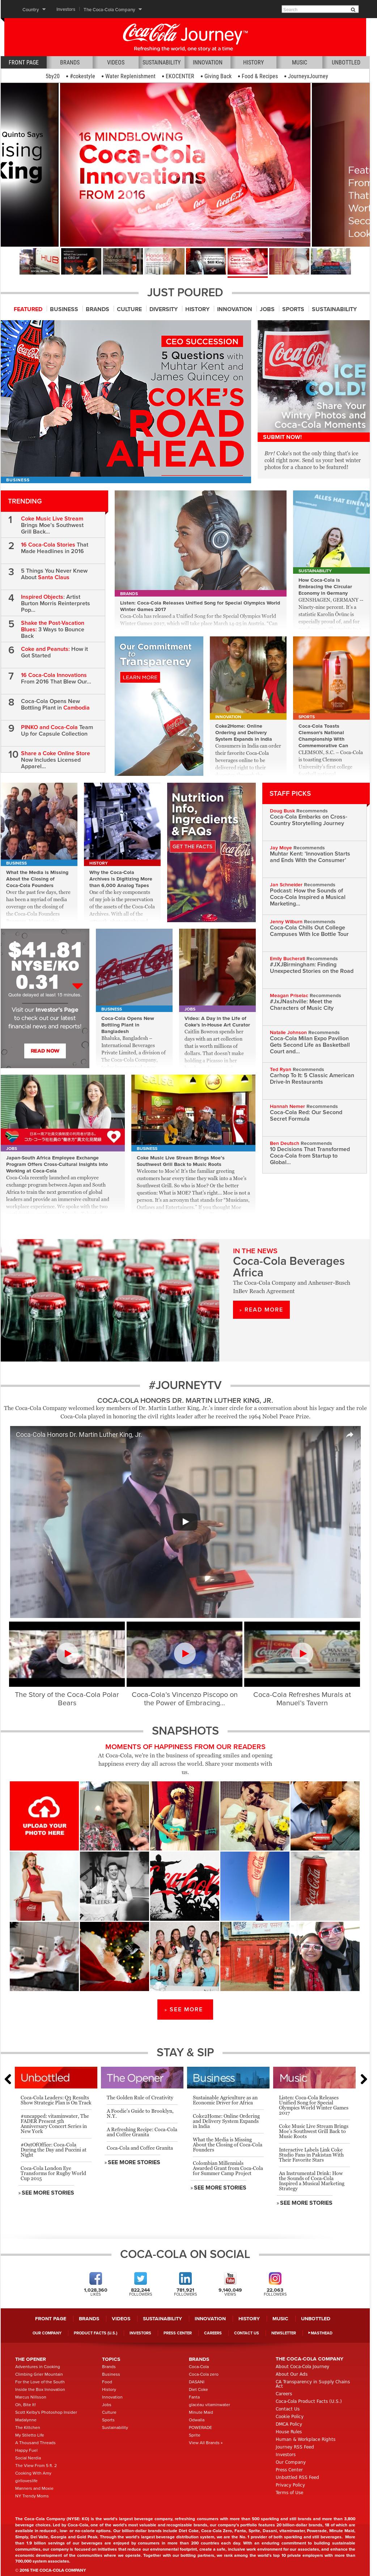 coca cola direct competitors